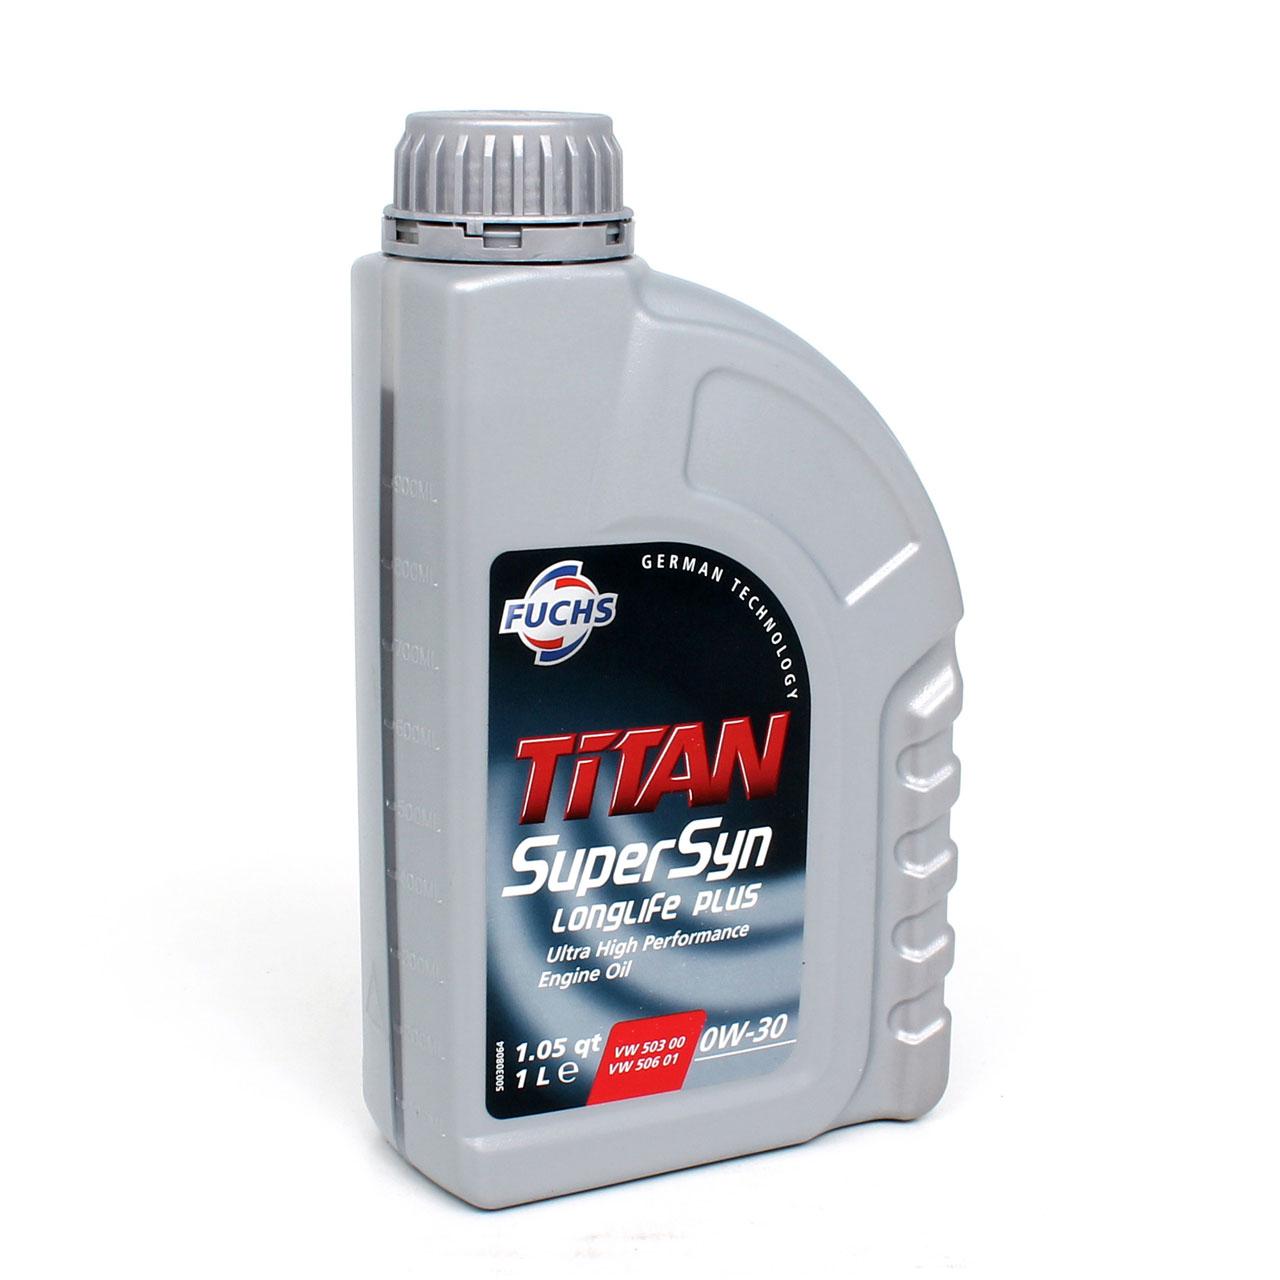 FUCHS Motoröl TITAN 0W-30 0W30 SuperSyn LongLife Plus VW 503.00 506.01 1Liter 1L